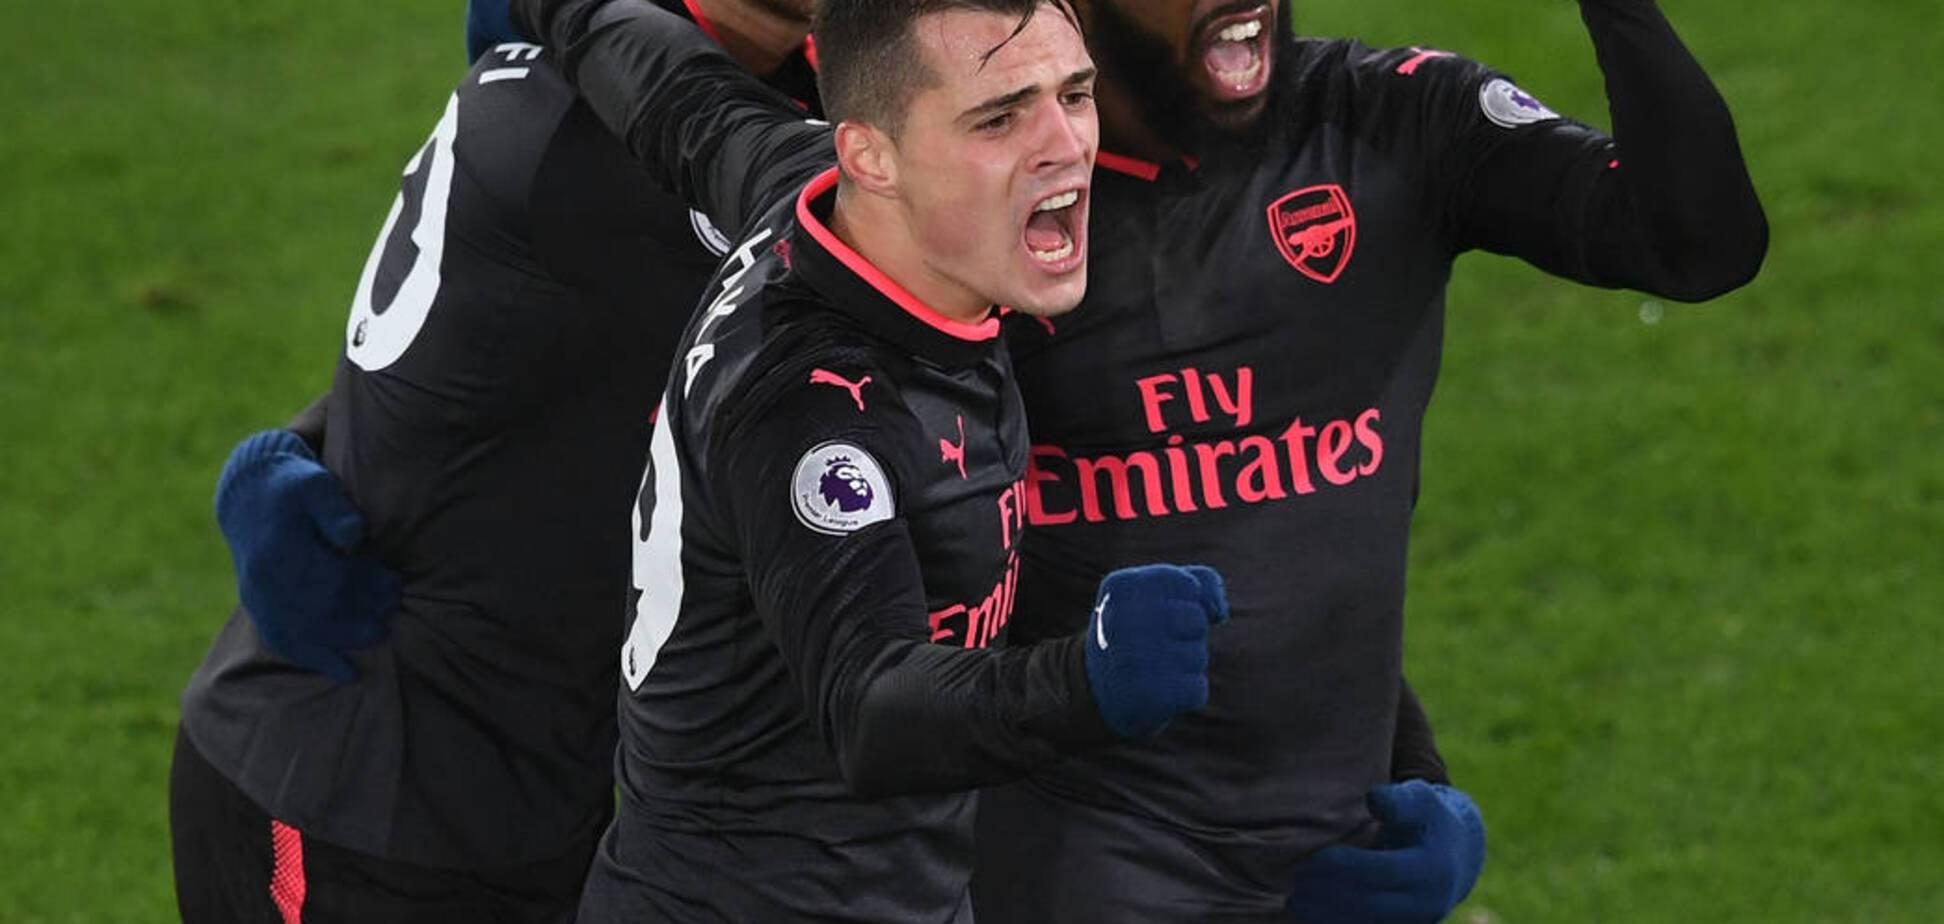 Футболисты 'Арсенала' устроили позорный бойкот партнеру во время матча: фотофакт